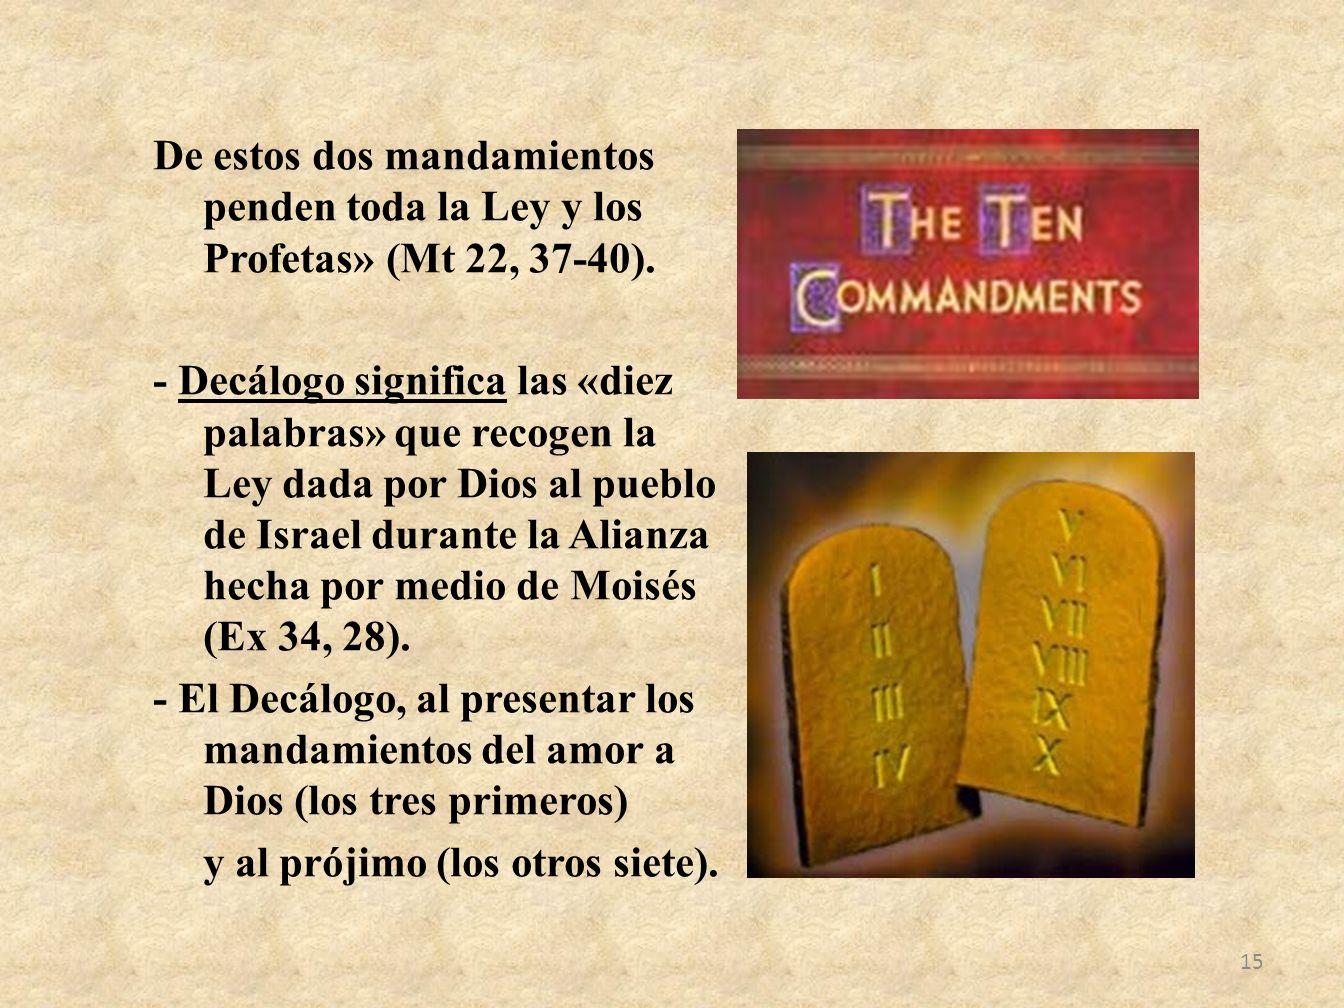 De estos dos mandamientos penden toda la Ley y los Profetas» (Mt 22, 37-40). - Decálogo significa las «diez palabras» que recogen la Ley dada por Dios